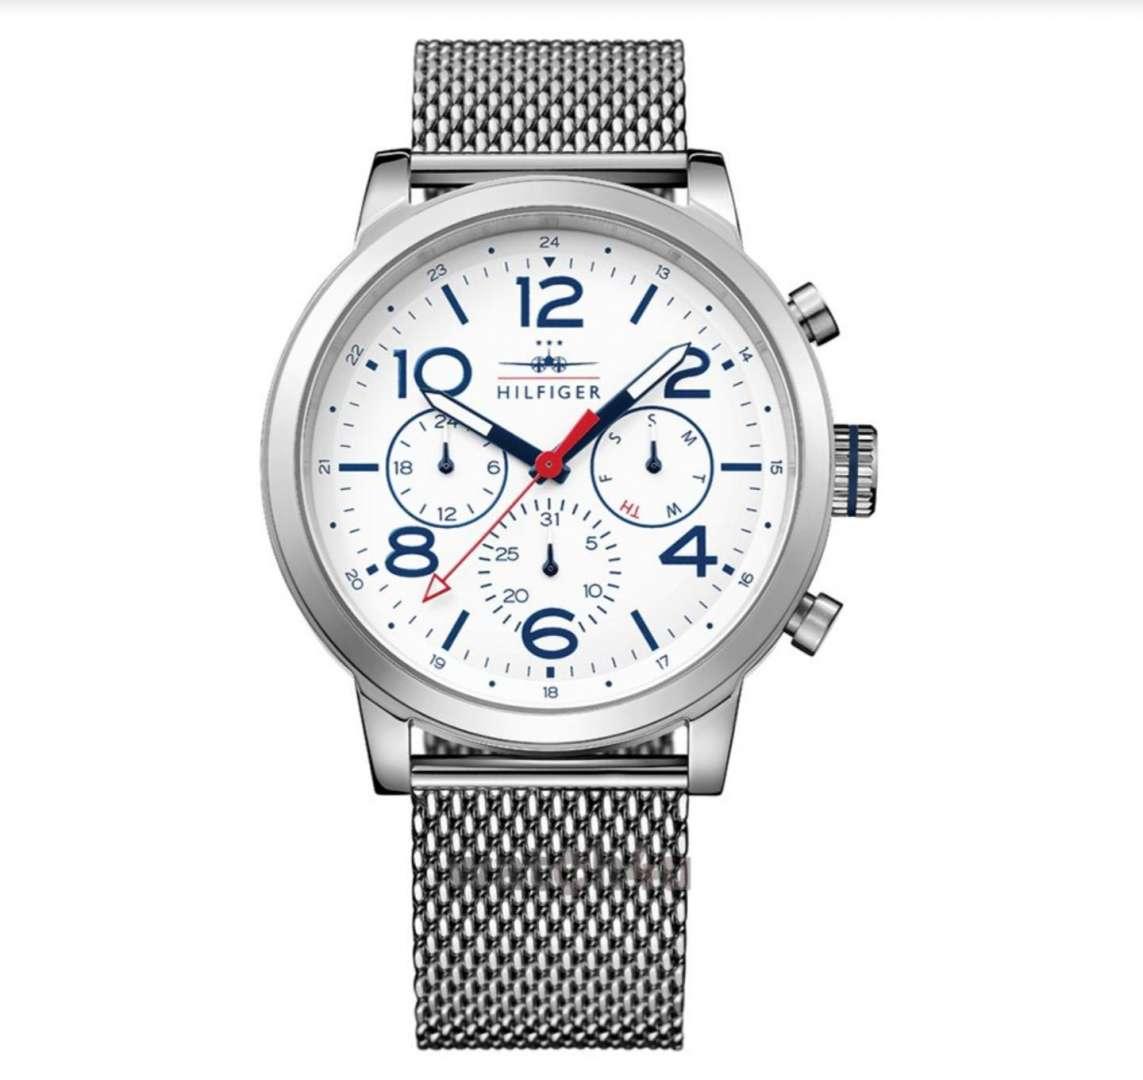 שעון יד אנלוגי Tommy Hilfiger 1791233 טומי הילפיגר